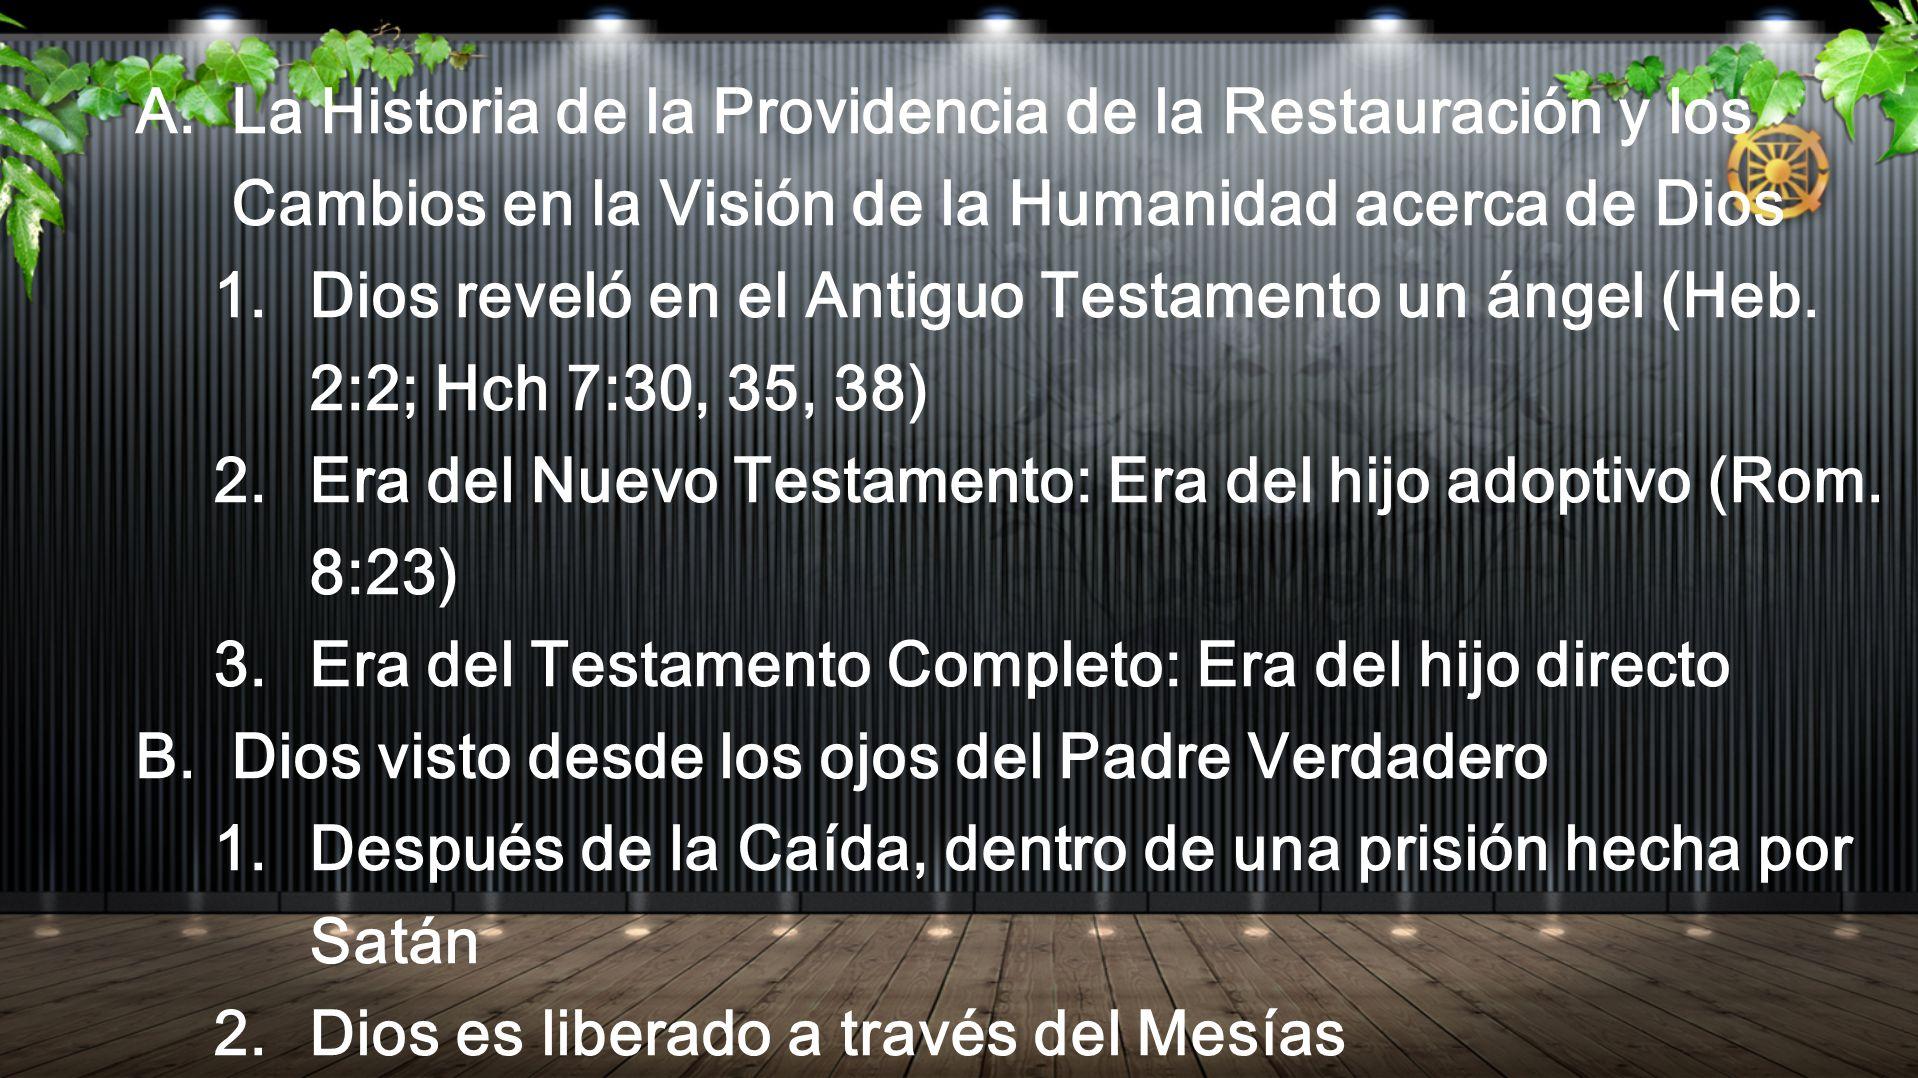 La Historia de la Providencia de la Restauración y los Cambios en la Visión de la Humanidad acerca de Dios